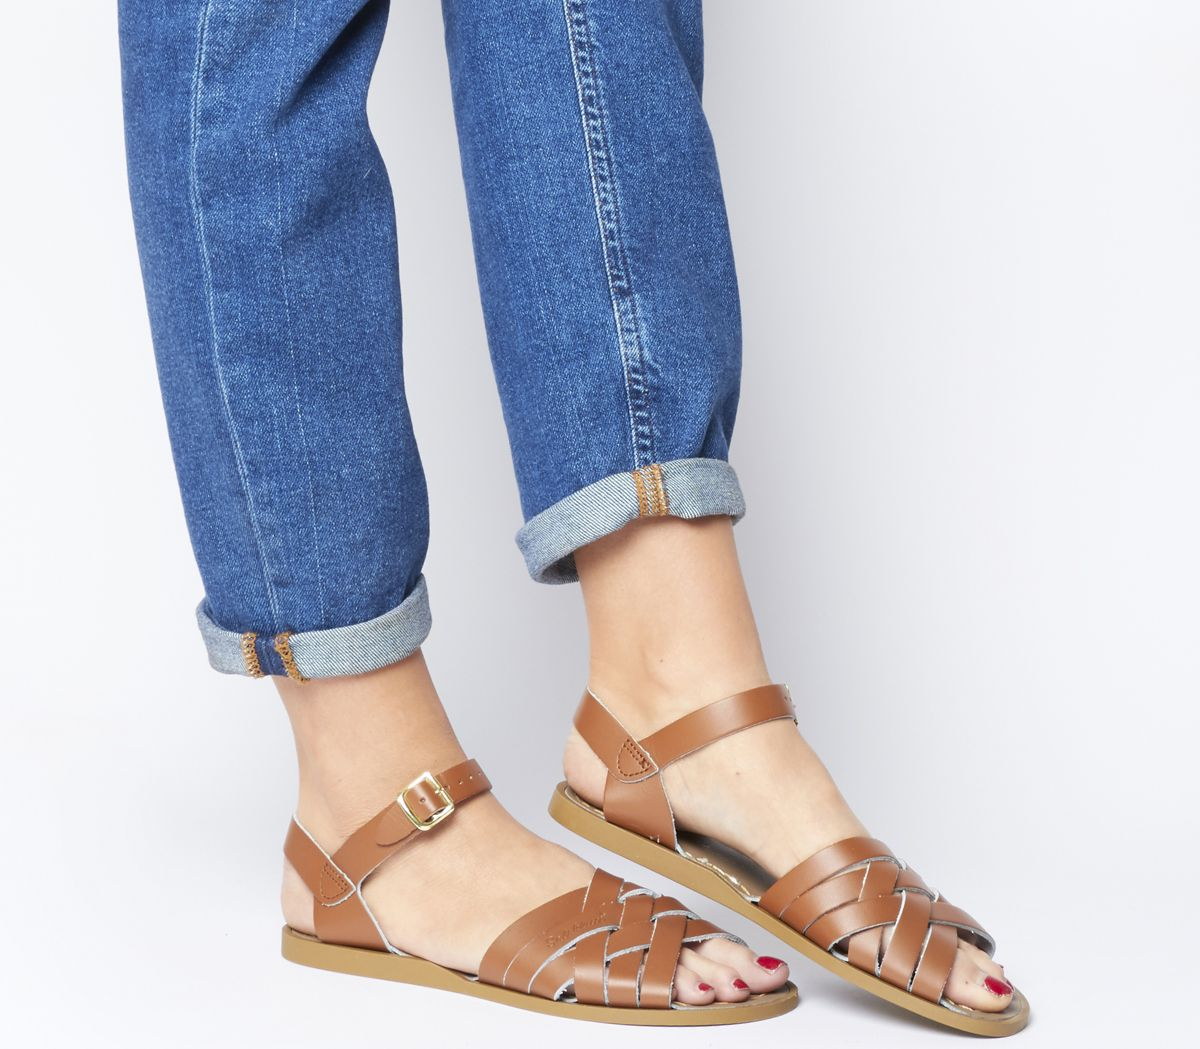 353251d33 Salt Water Retro Sandals Tan Leather - Sandals